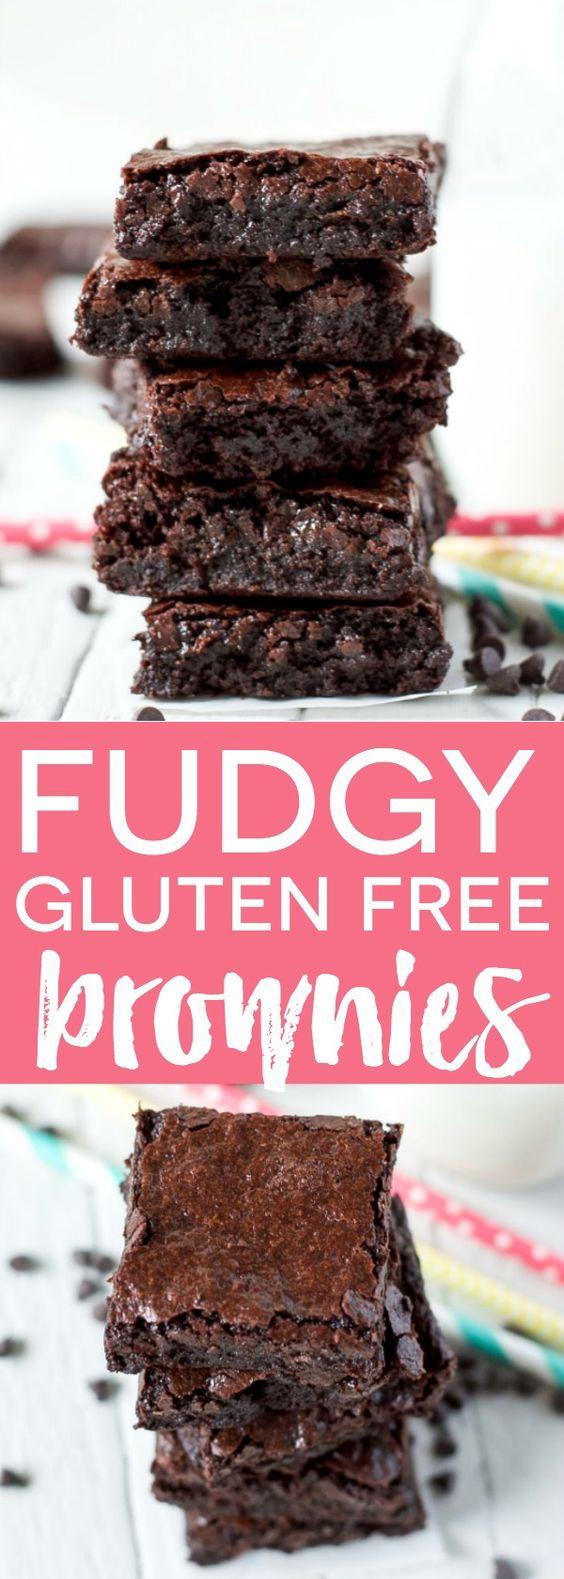 gluten free brownies gluten free ghirardelli fudgy gluten free ...